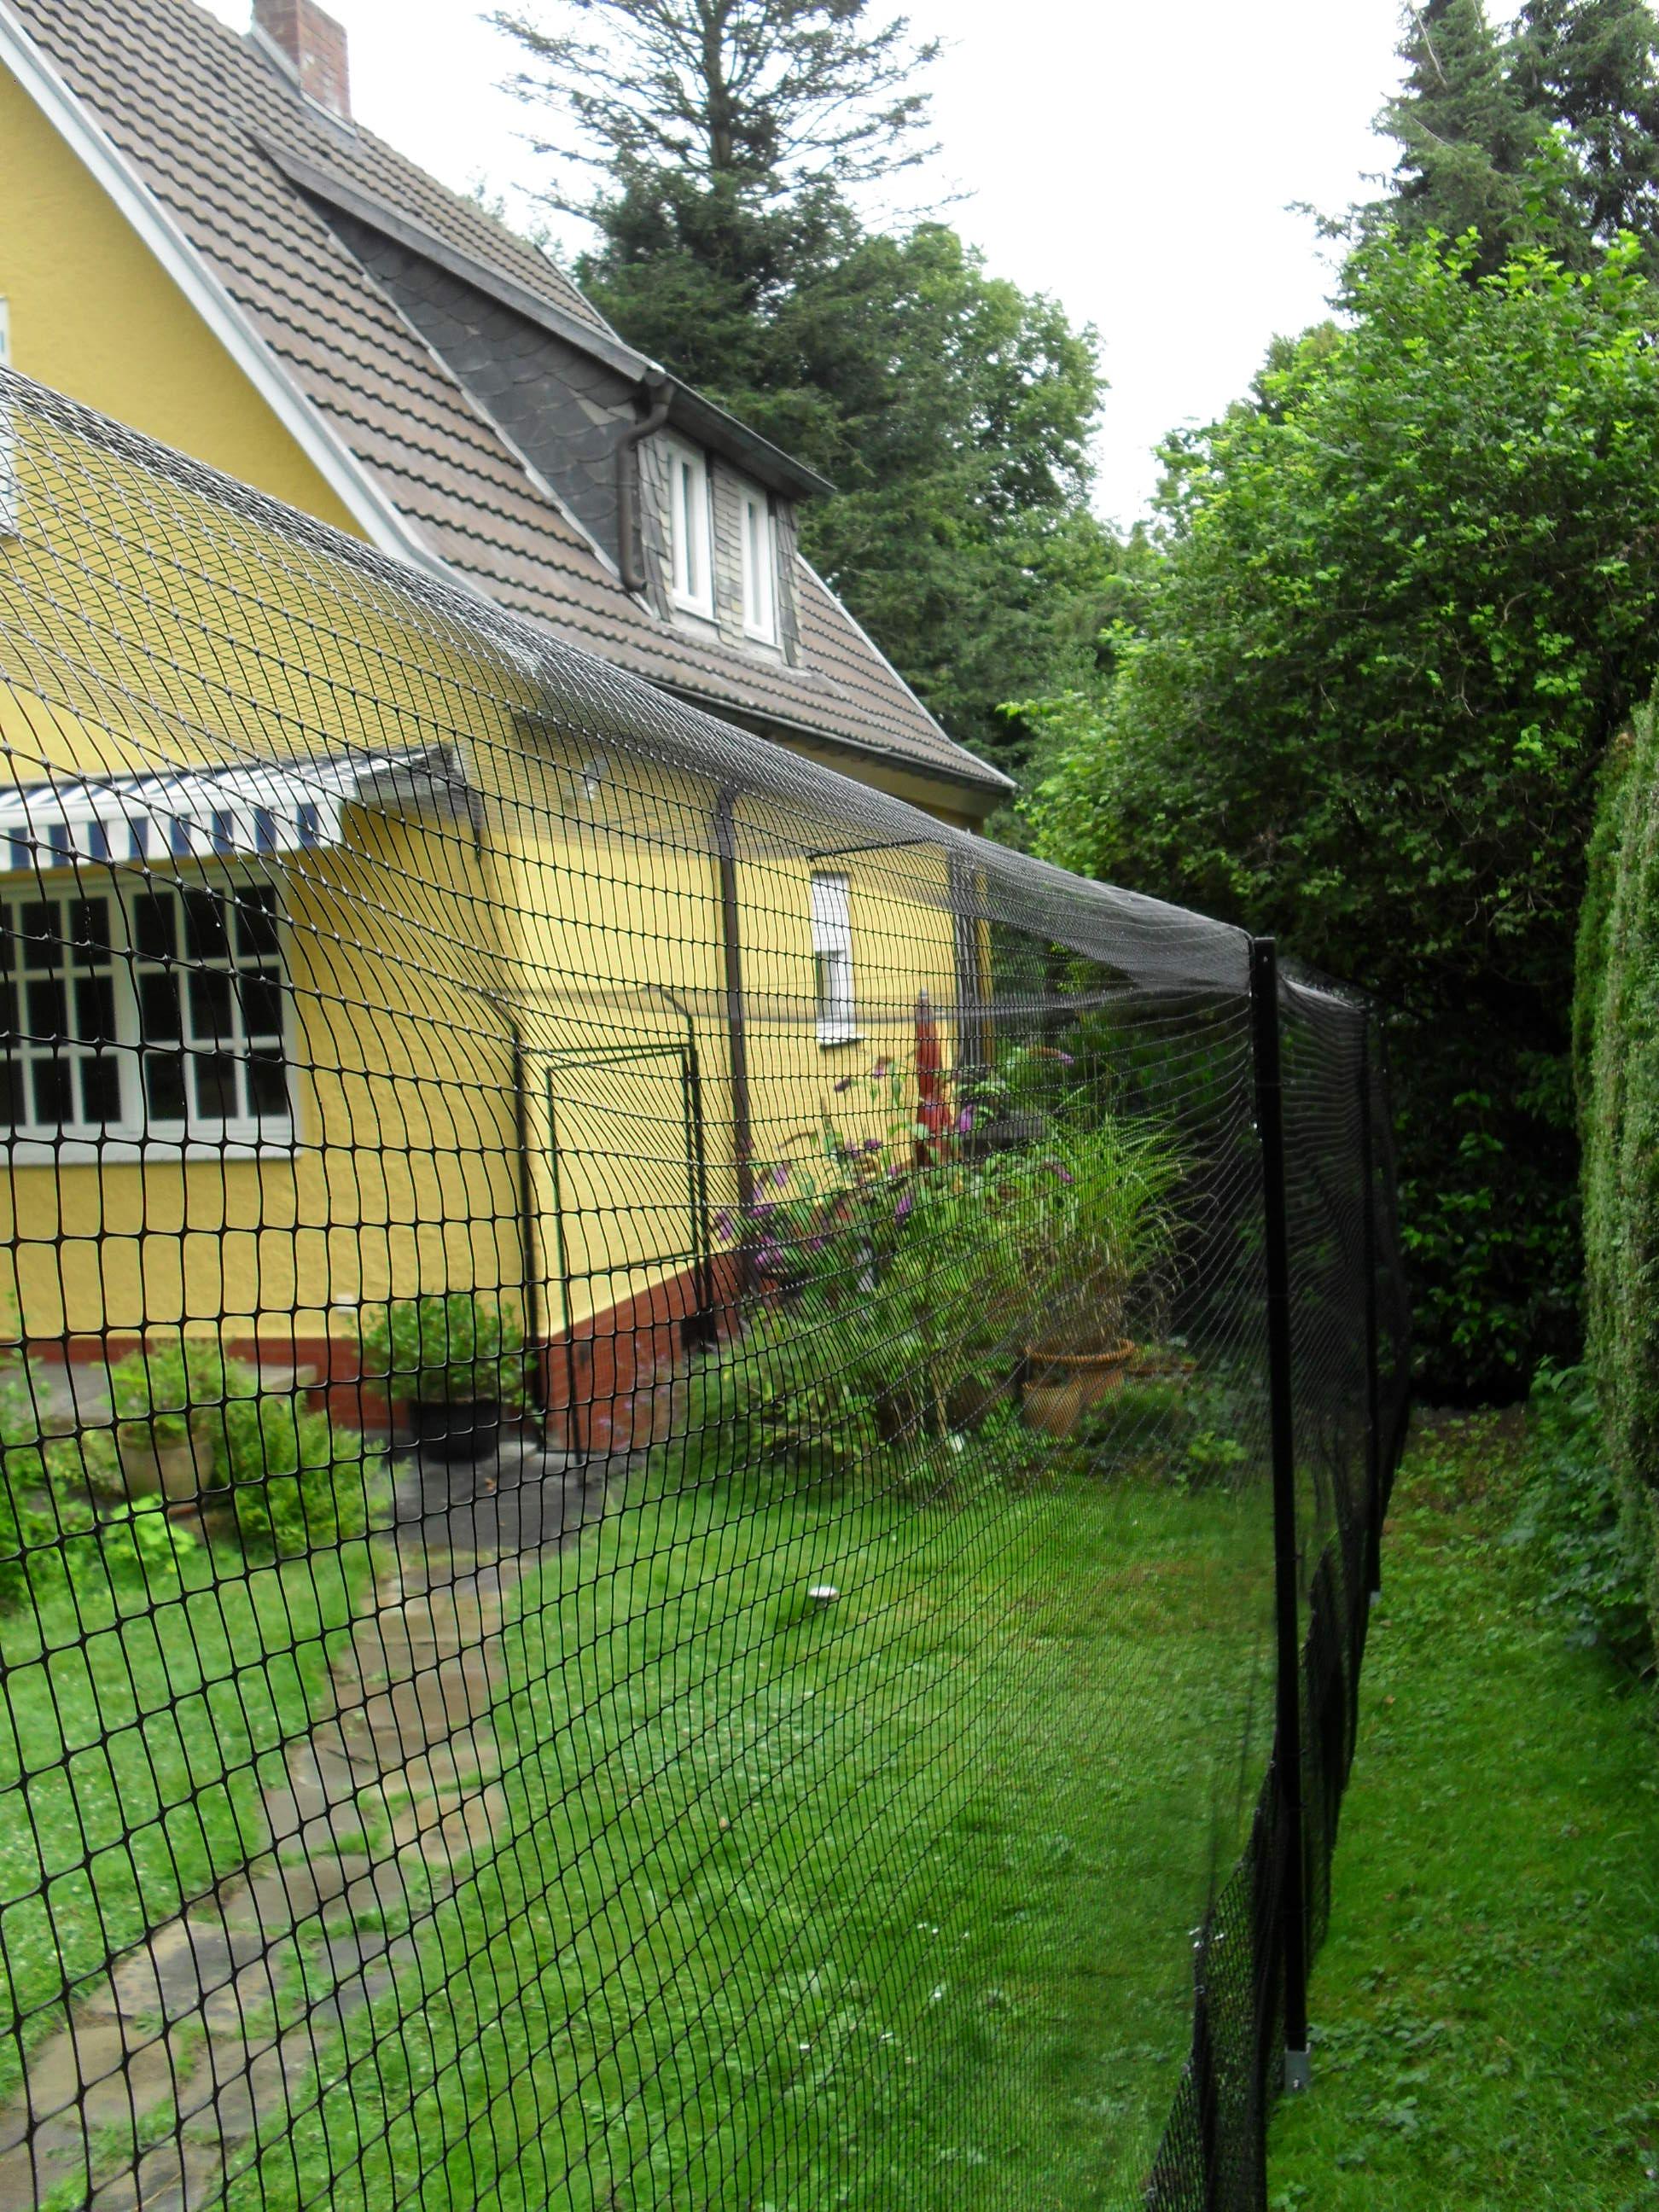 Katzengehege system als gartensicherung katzennetze for Whirlpool garten mit rollrasen balkon katze